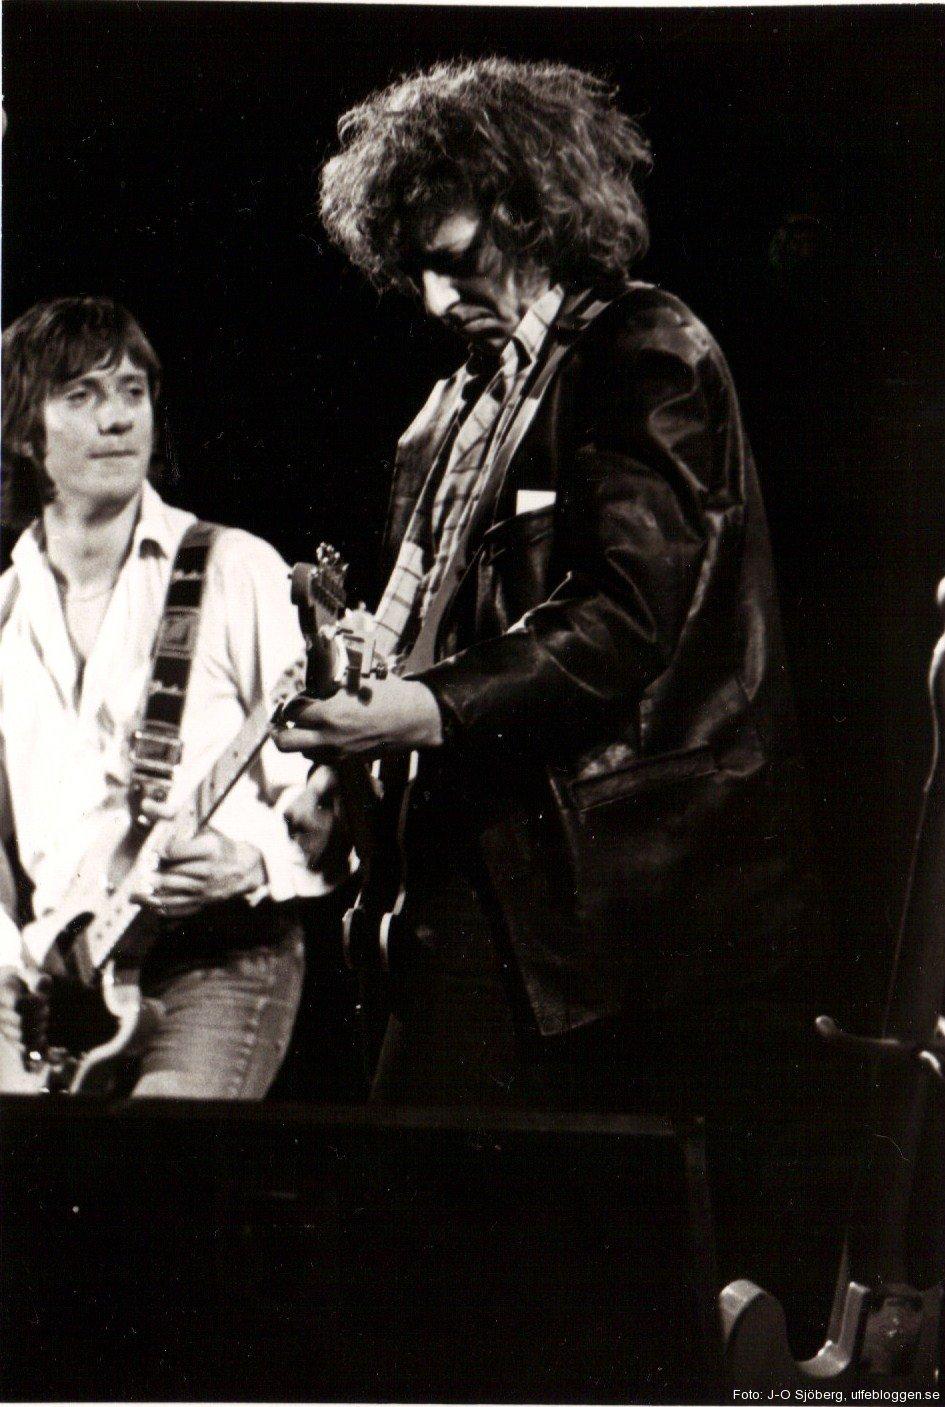 Ulf Lundell och Mats Ronander, konserthuset i Örebro, 13 oktober 1980